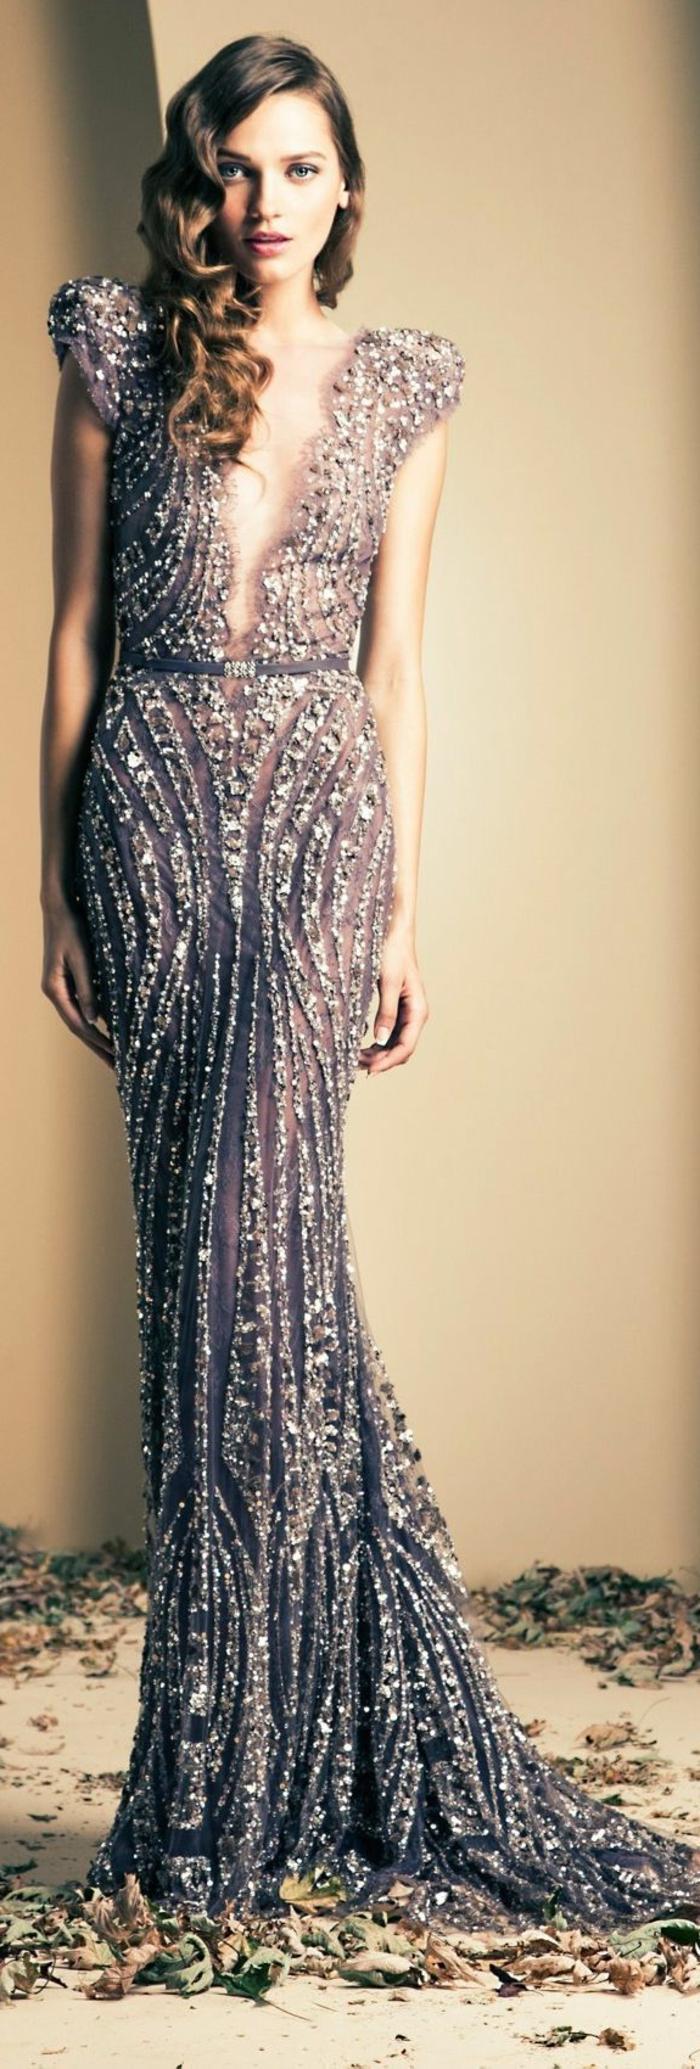 1-bien-choisir-sa-robe-de-soirée-dentelle-pour-avoir-une-vision-chic-et-moderne